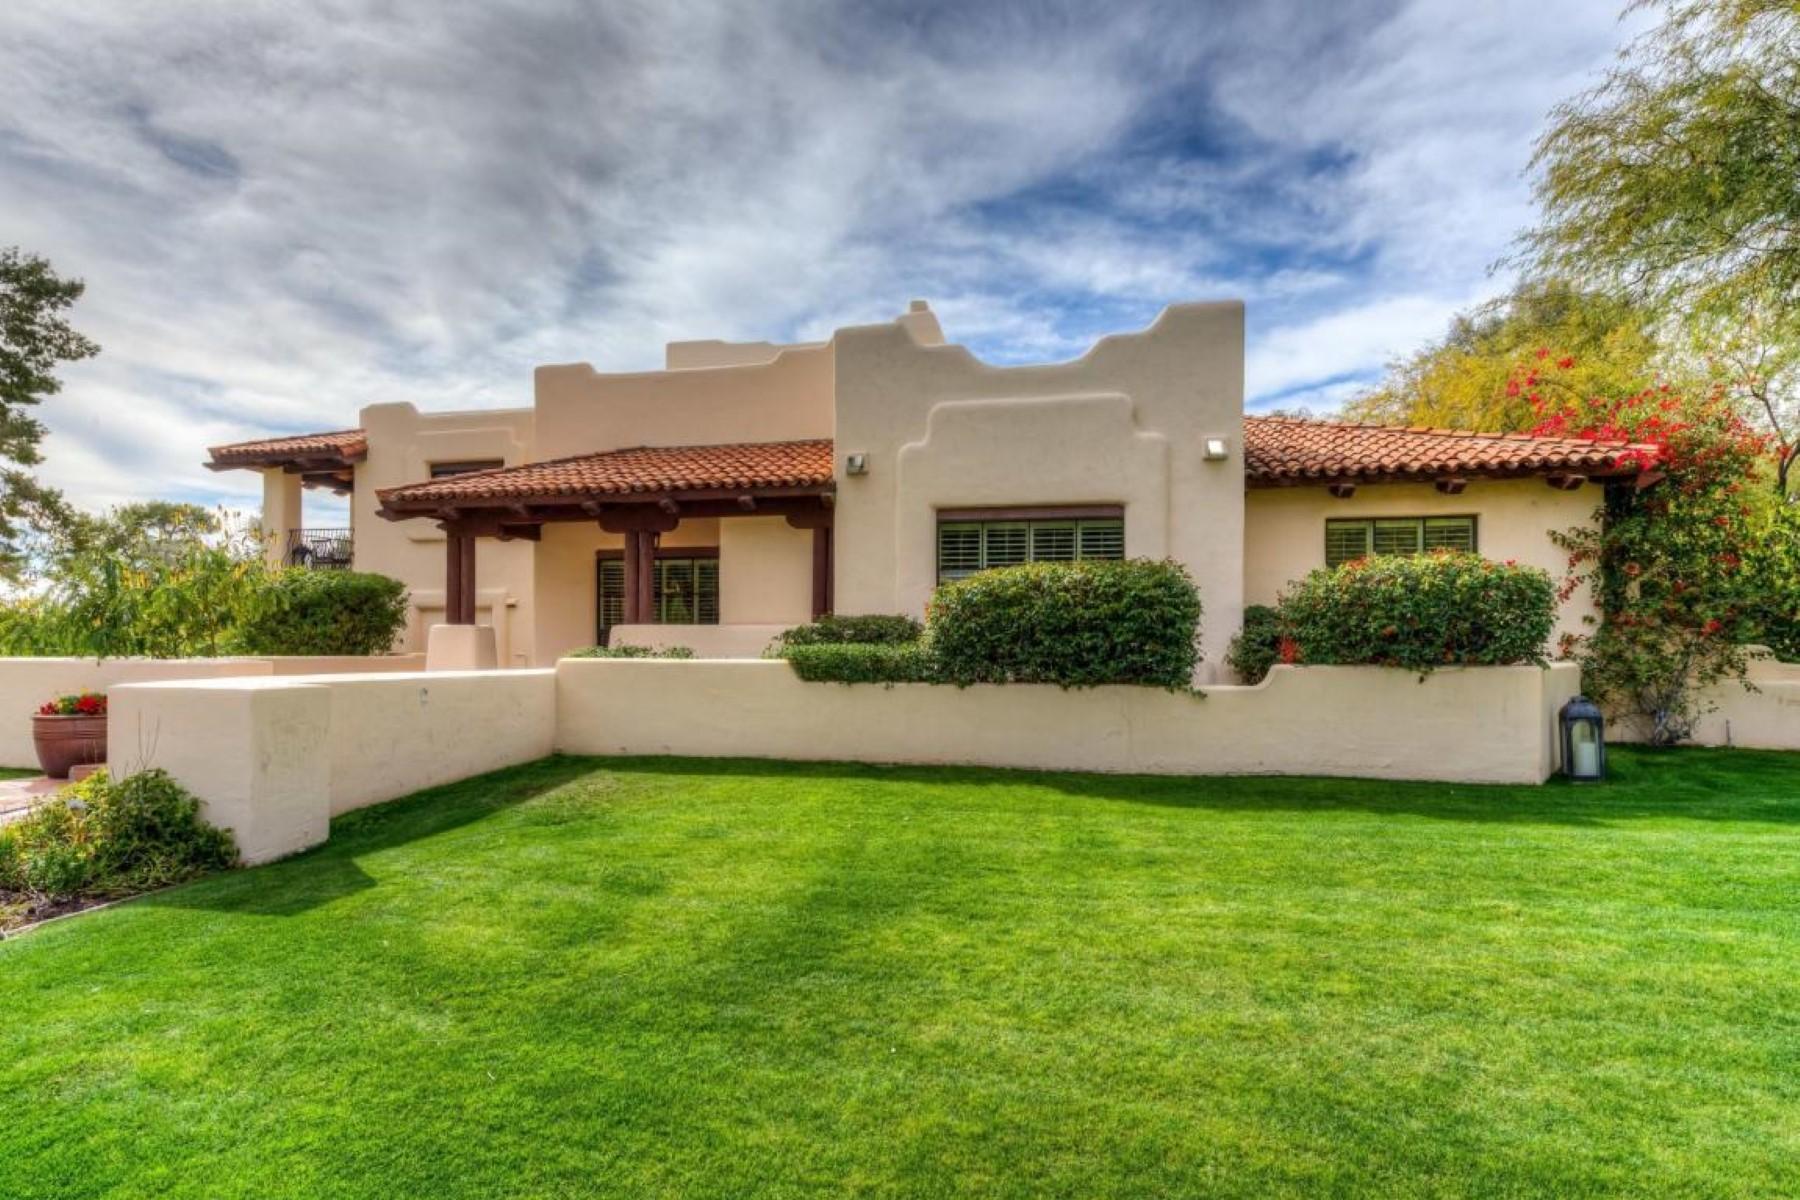 Maison unifamiliale pour l Vente à Charming Spanish-style home 5216 N 45th Place Phoenix, Arizona 85018 États-Unis